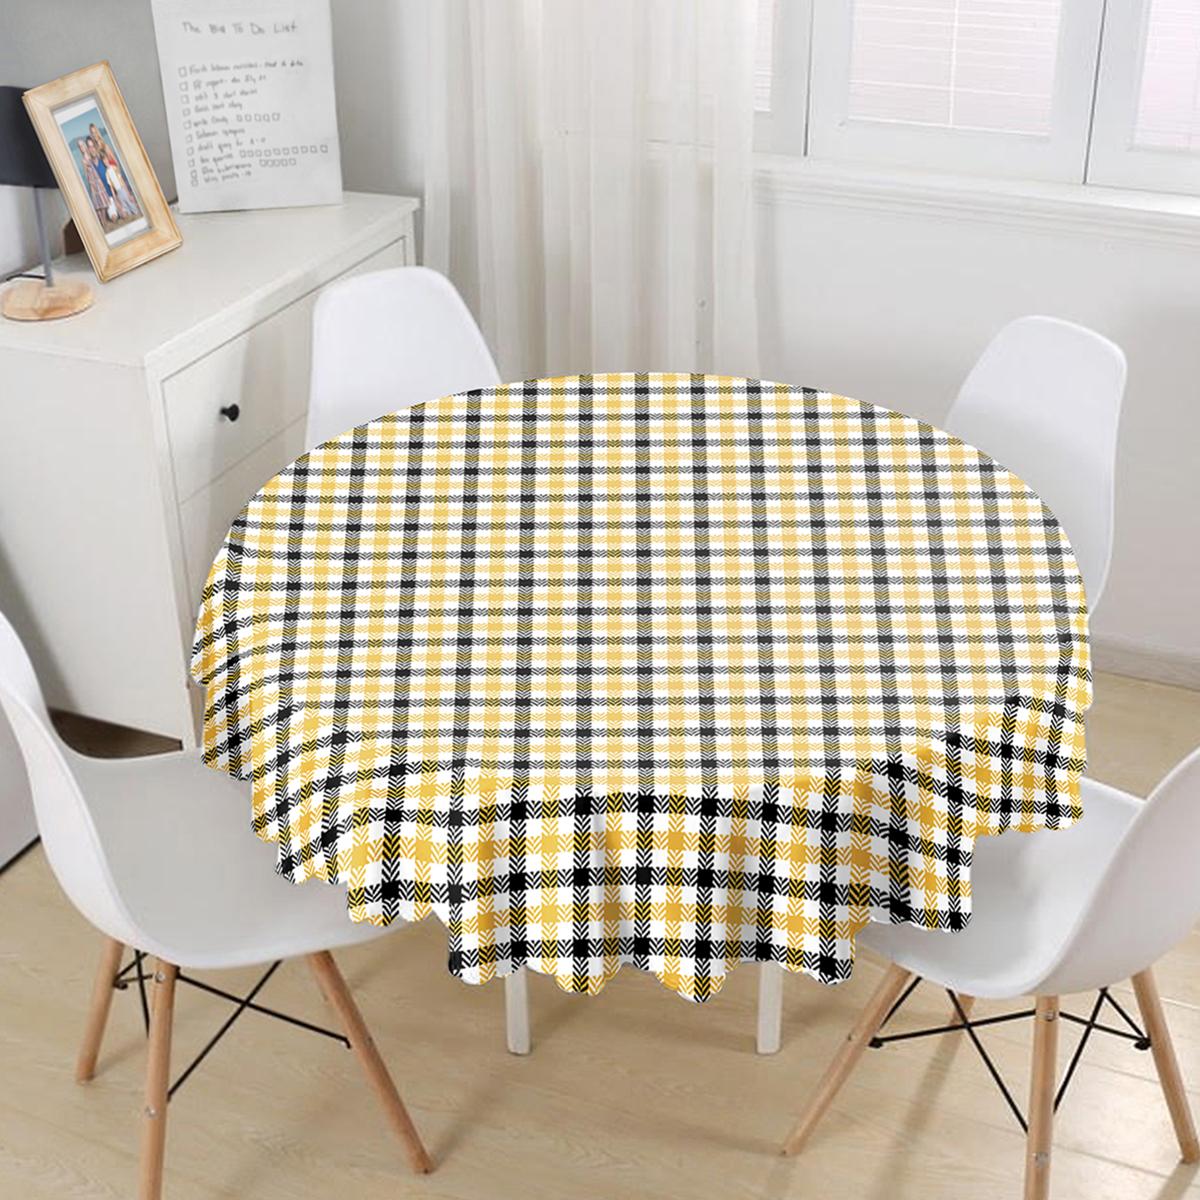 Beyaz Zemin Üzerinde Siyah Sarı Ekose Desenli Dijital Baskılı Modern Yuvarlak Masa Örtüsü - Çap 140cm Realhomes